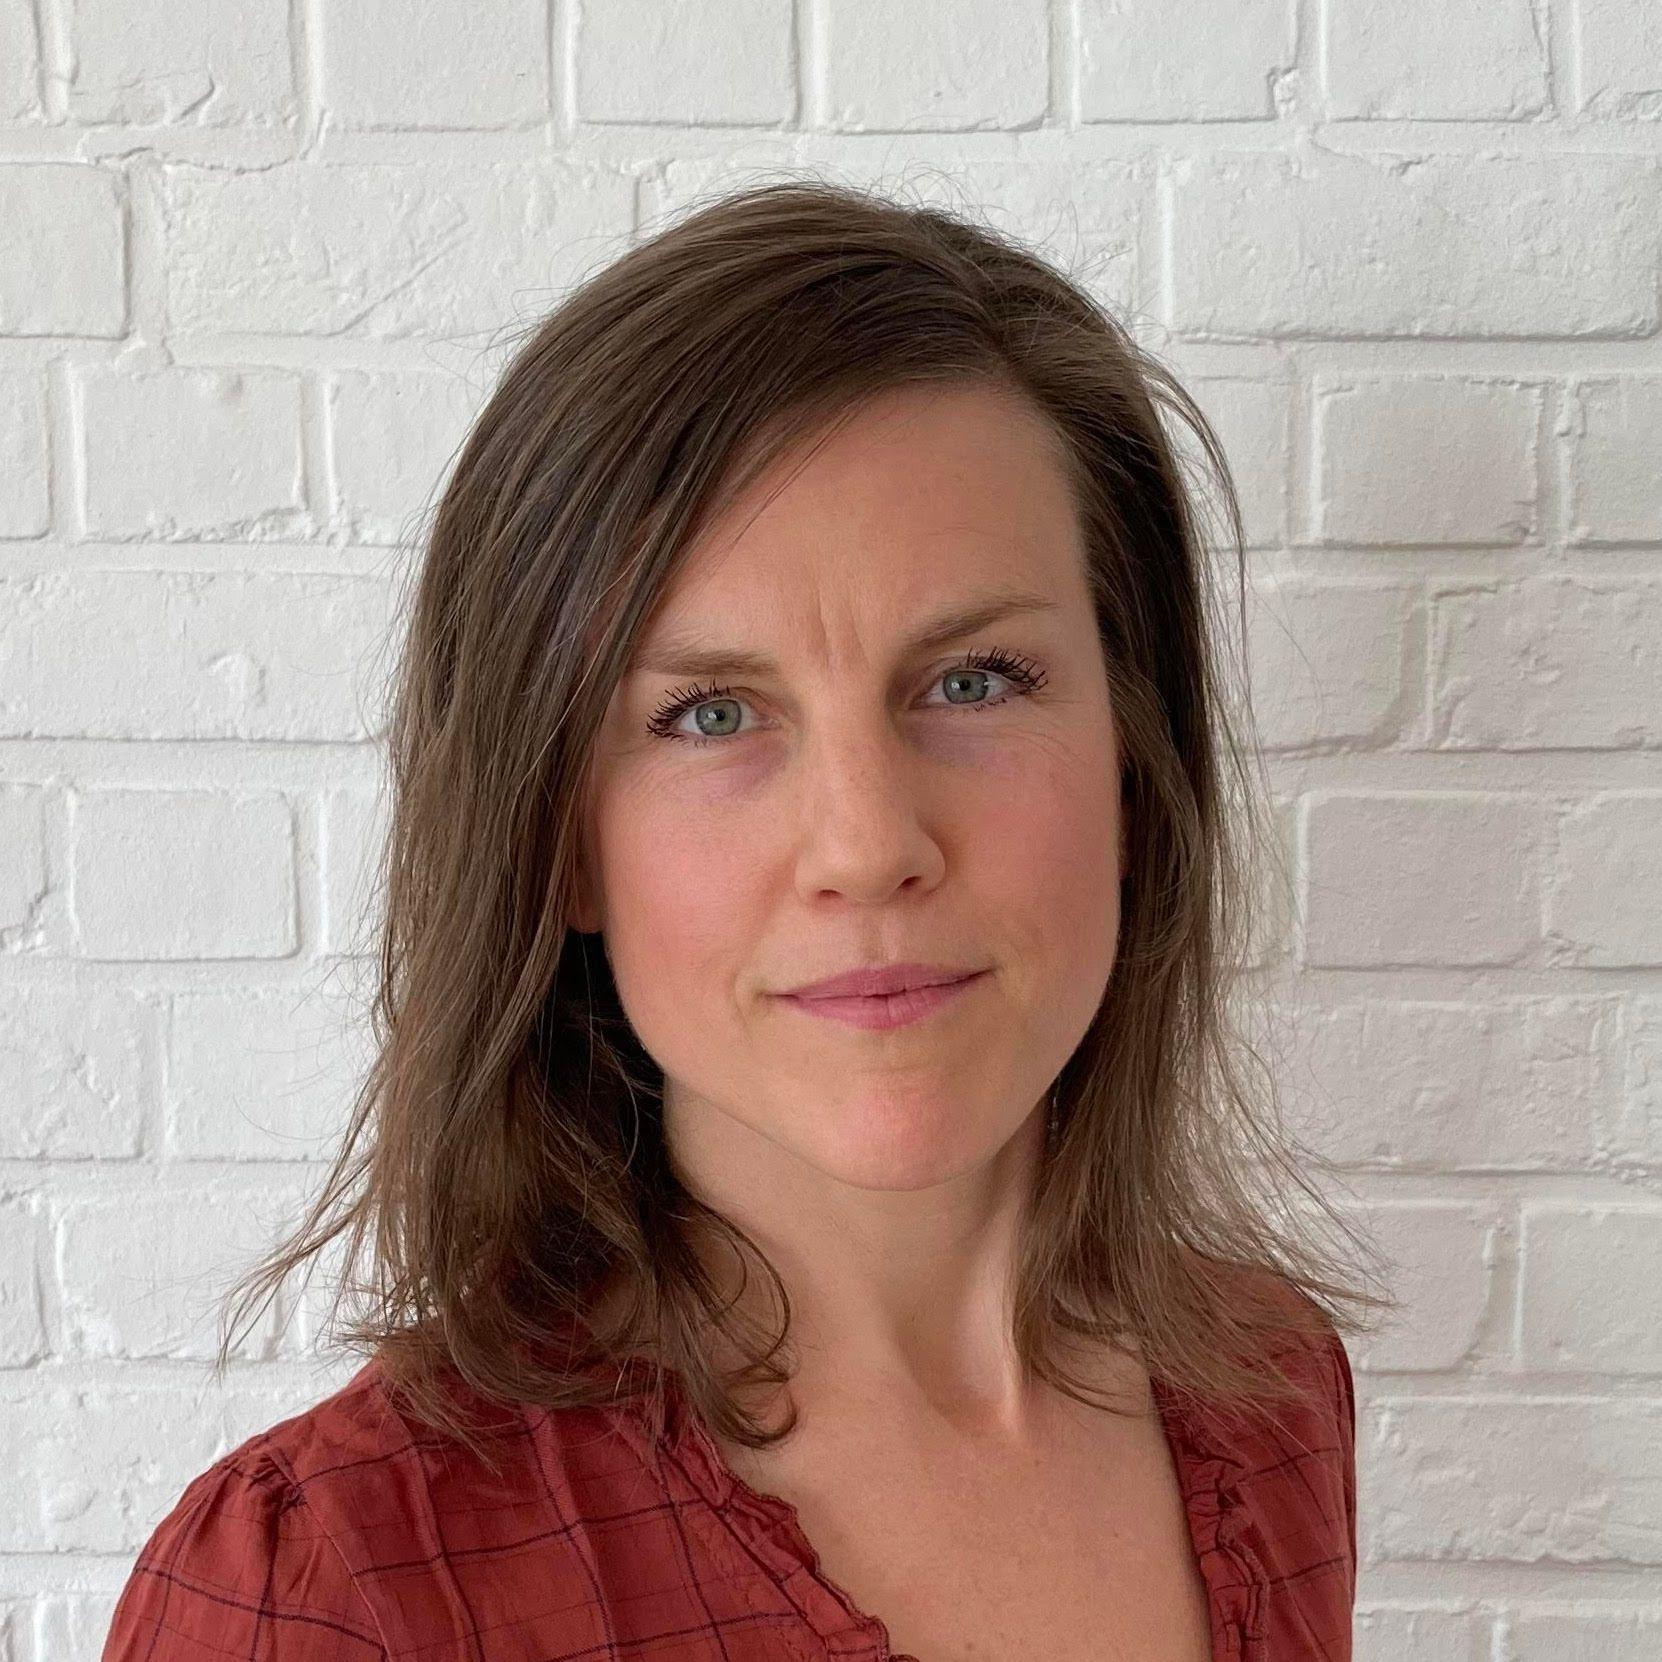 Charlotta Asplund Catot